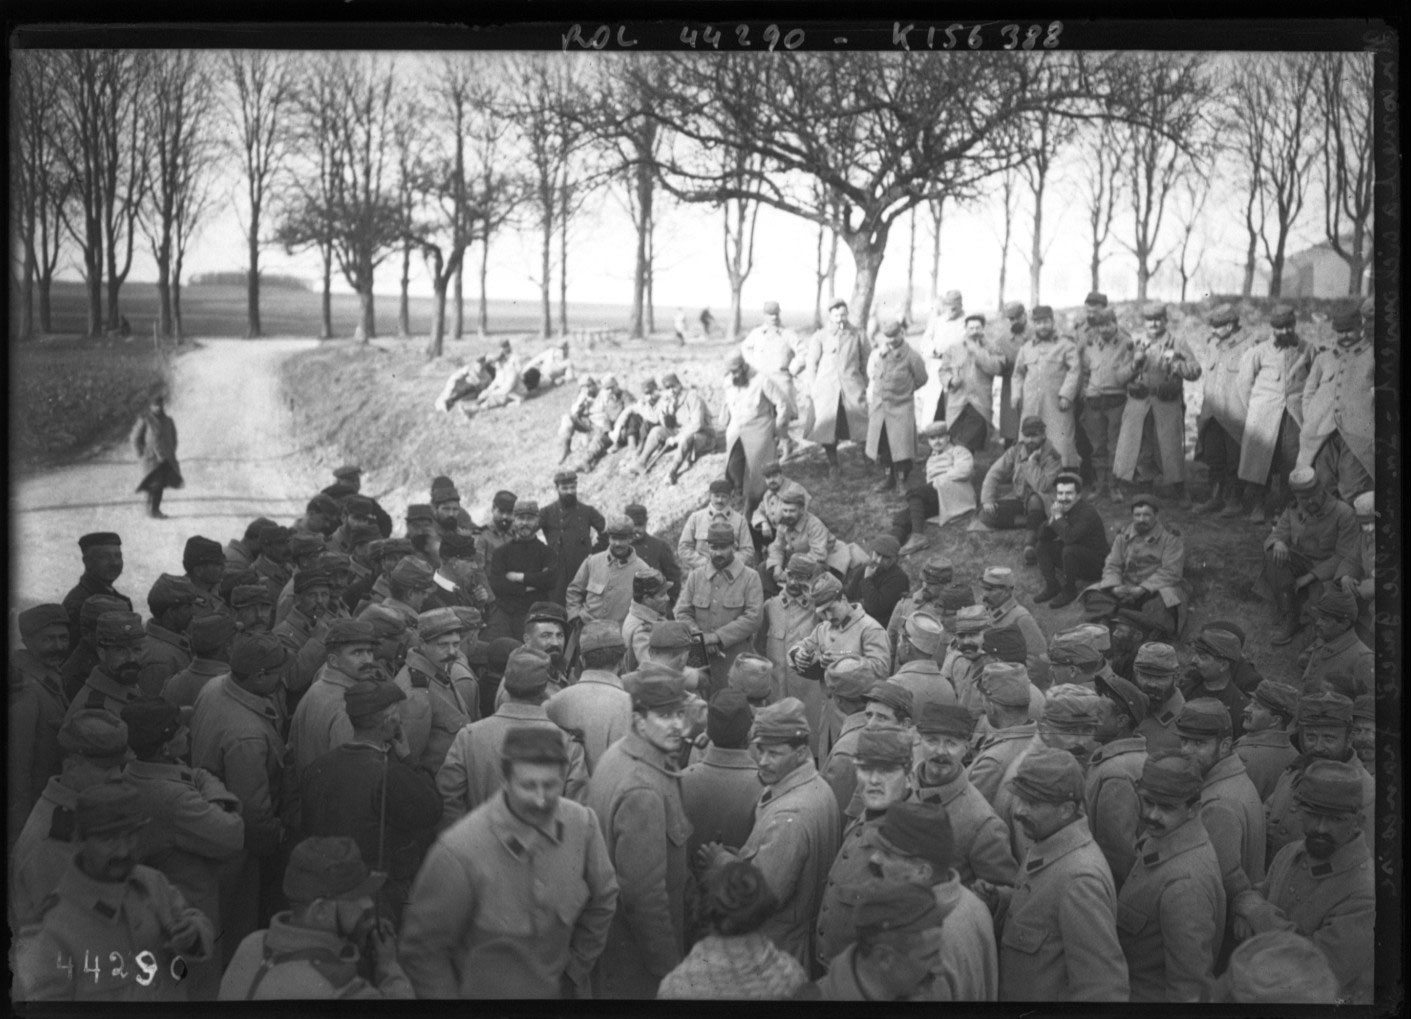 Un concert à ciel ouvert, la vieille gaïeté française (moment de détente en musique pour les soldats), photographie de presse, Agence Rol © Gallica BnF